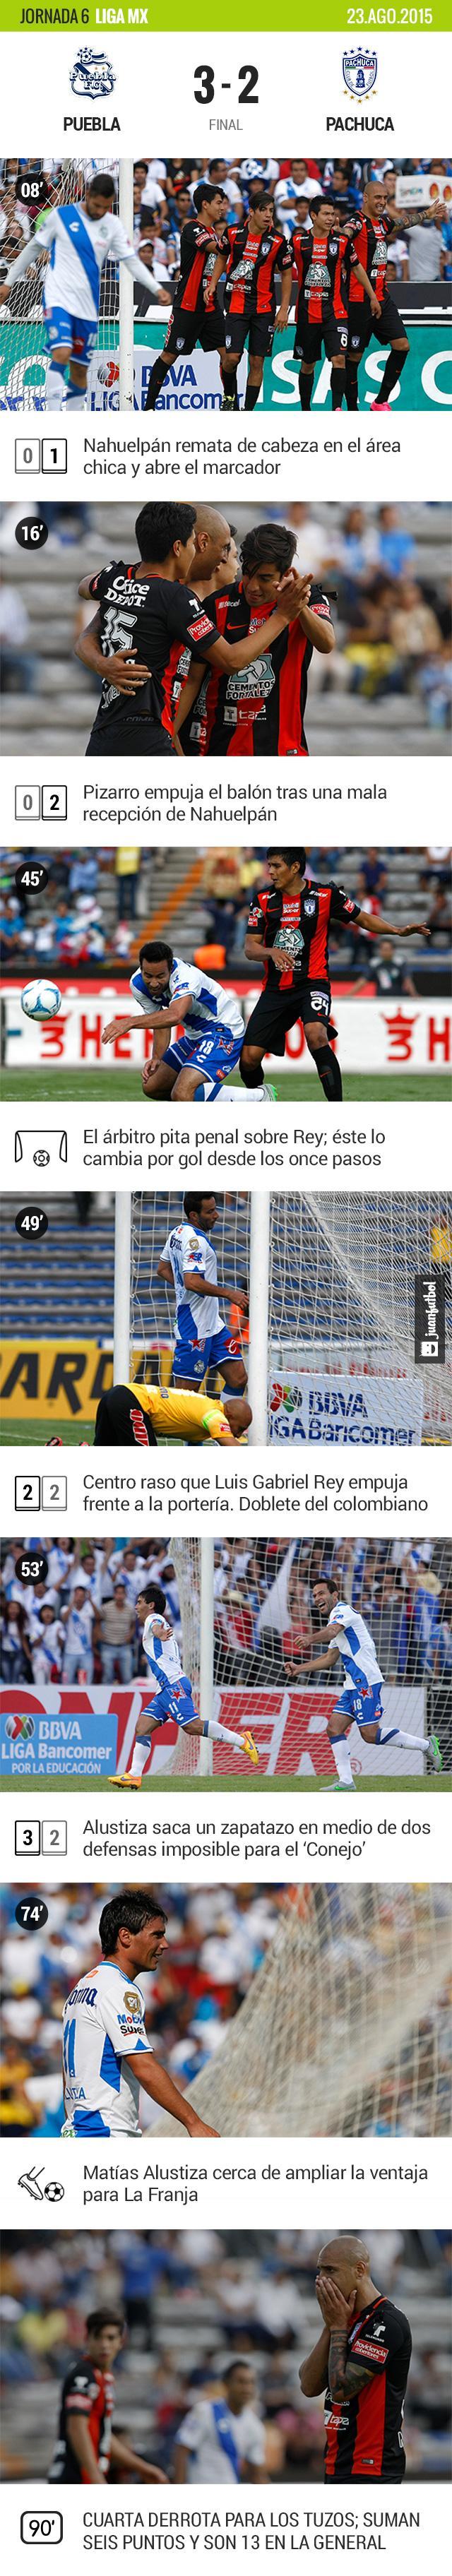 Puebla vence 3-2 a Pachuca en la jornada 6 de la Liga MX. Rey anotó un doblete y Alustiza cerró la cuenta de La Franja